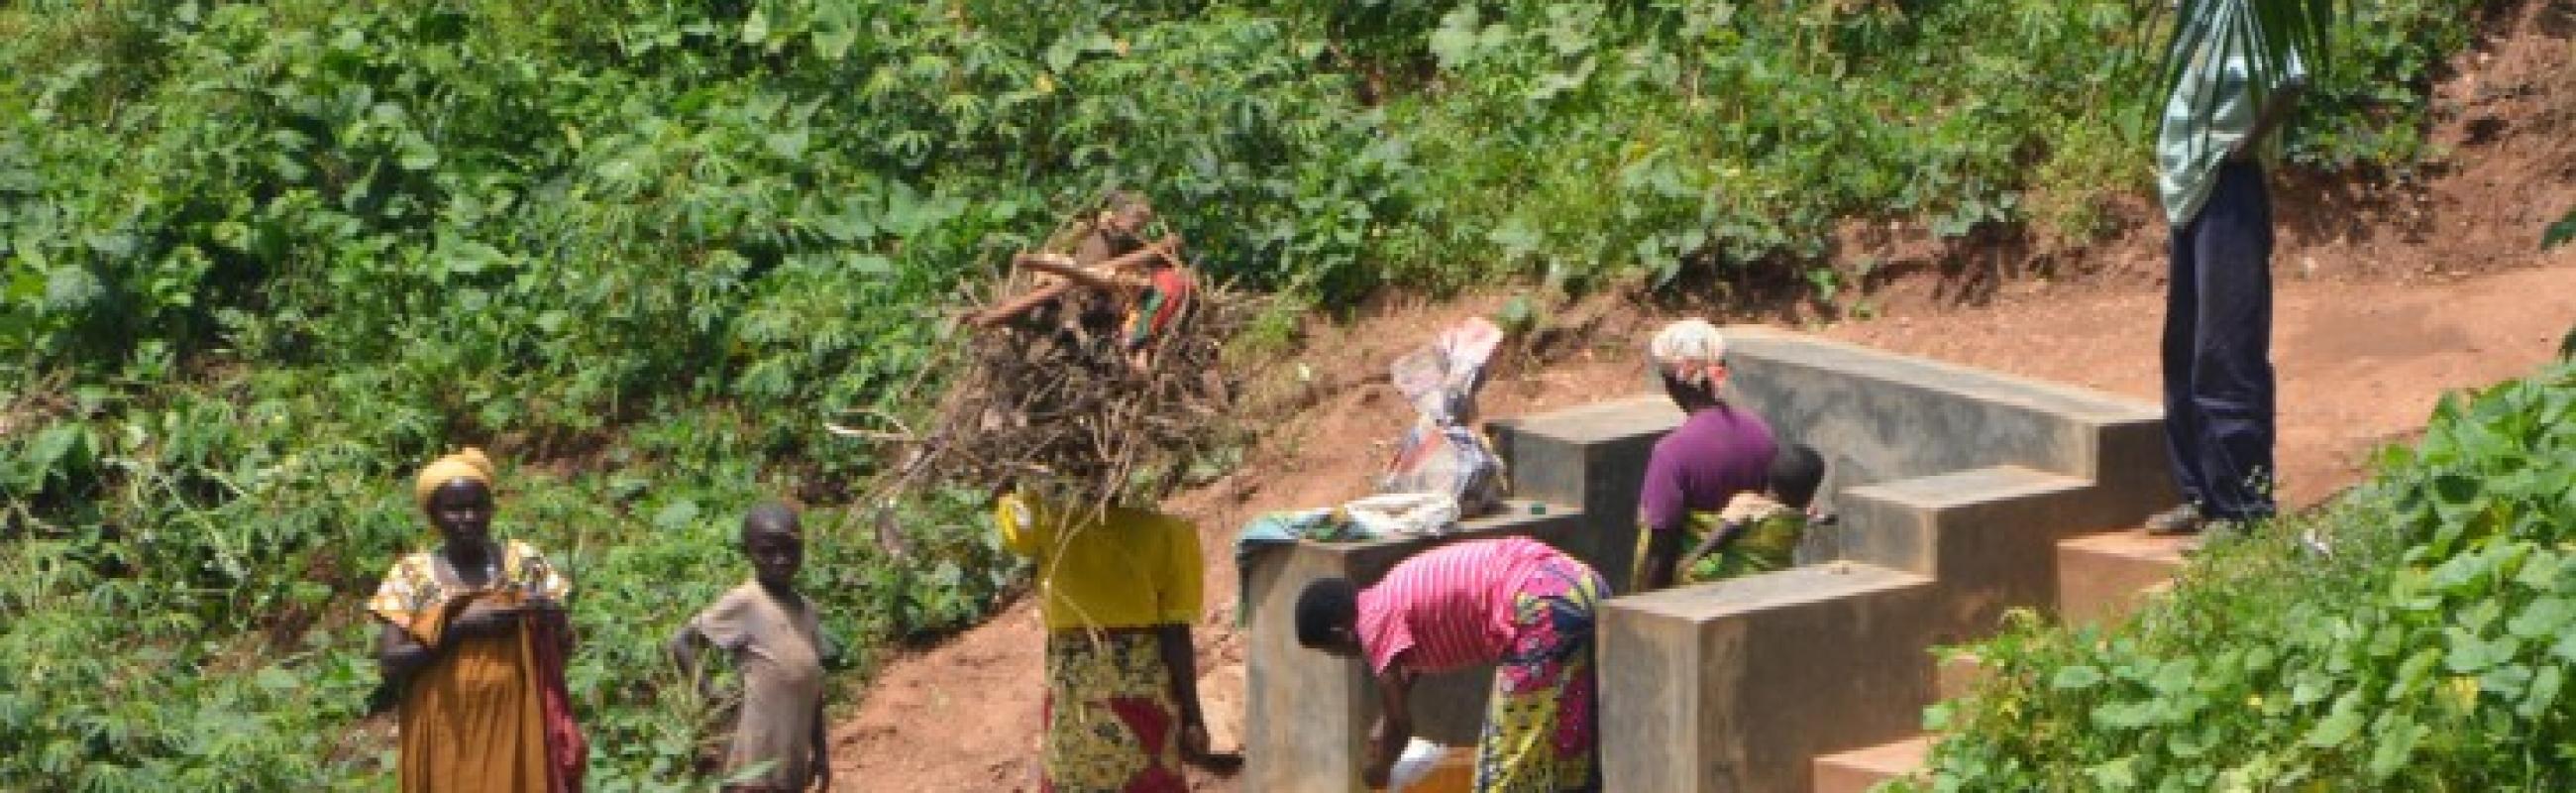 burundi-borne-fontaine